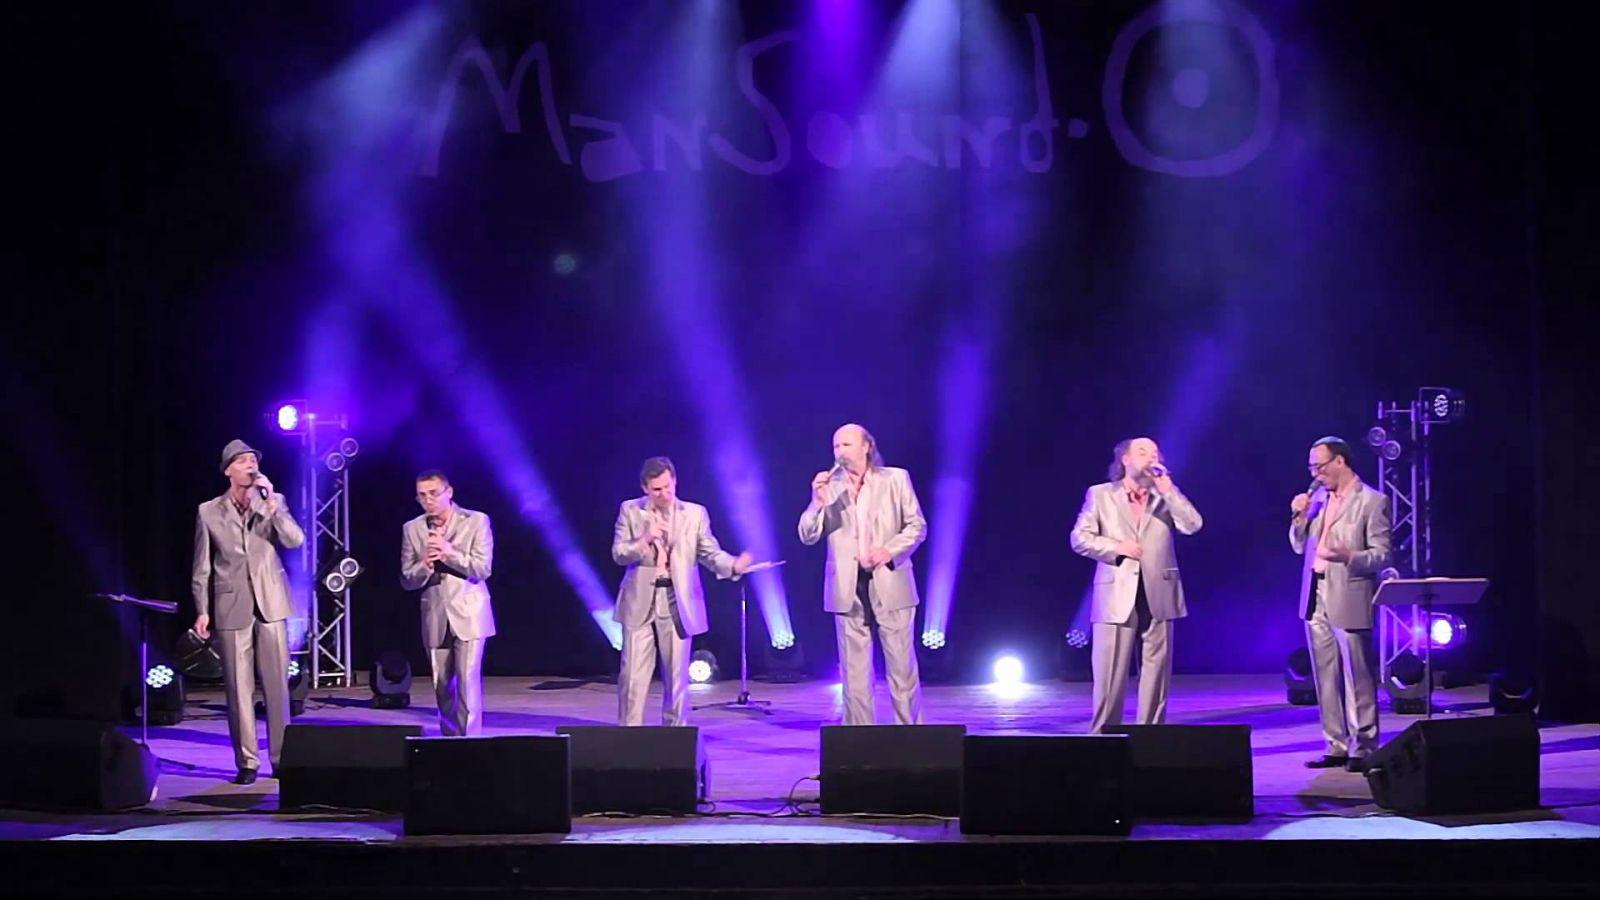 Знаменитый вокальный оркестр ManSound отметит 20-тилетие грандиозным туром - фото №2